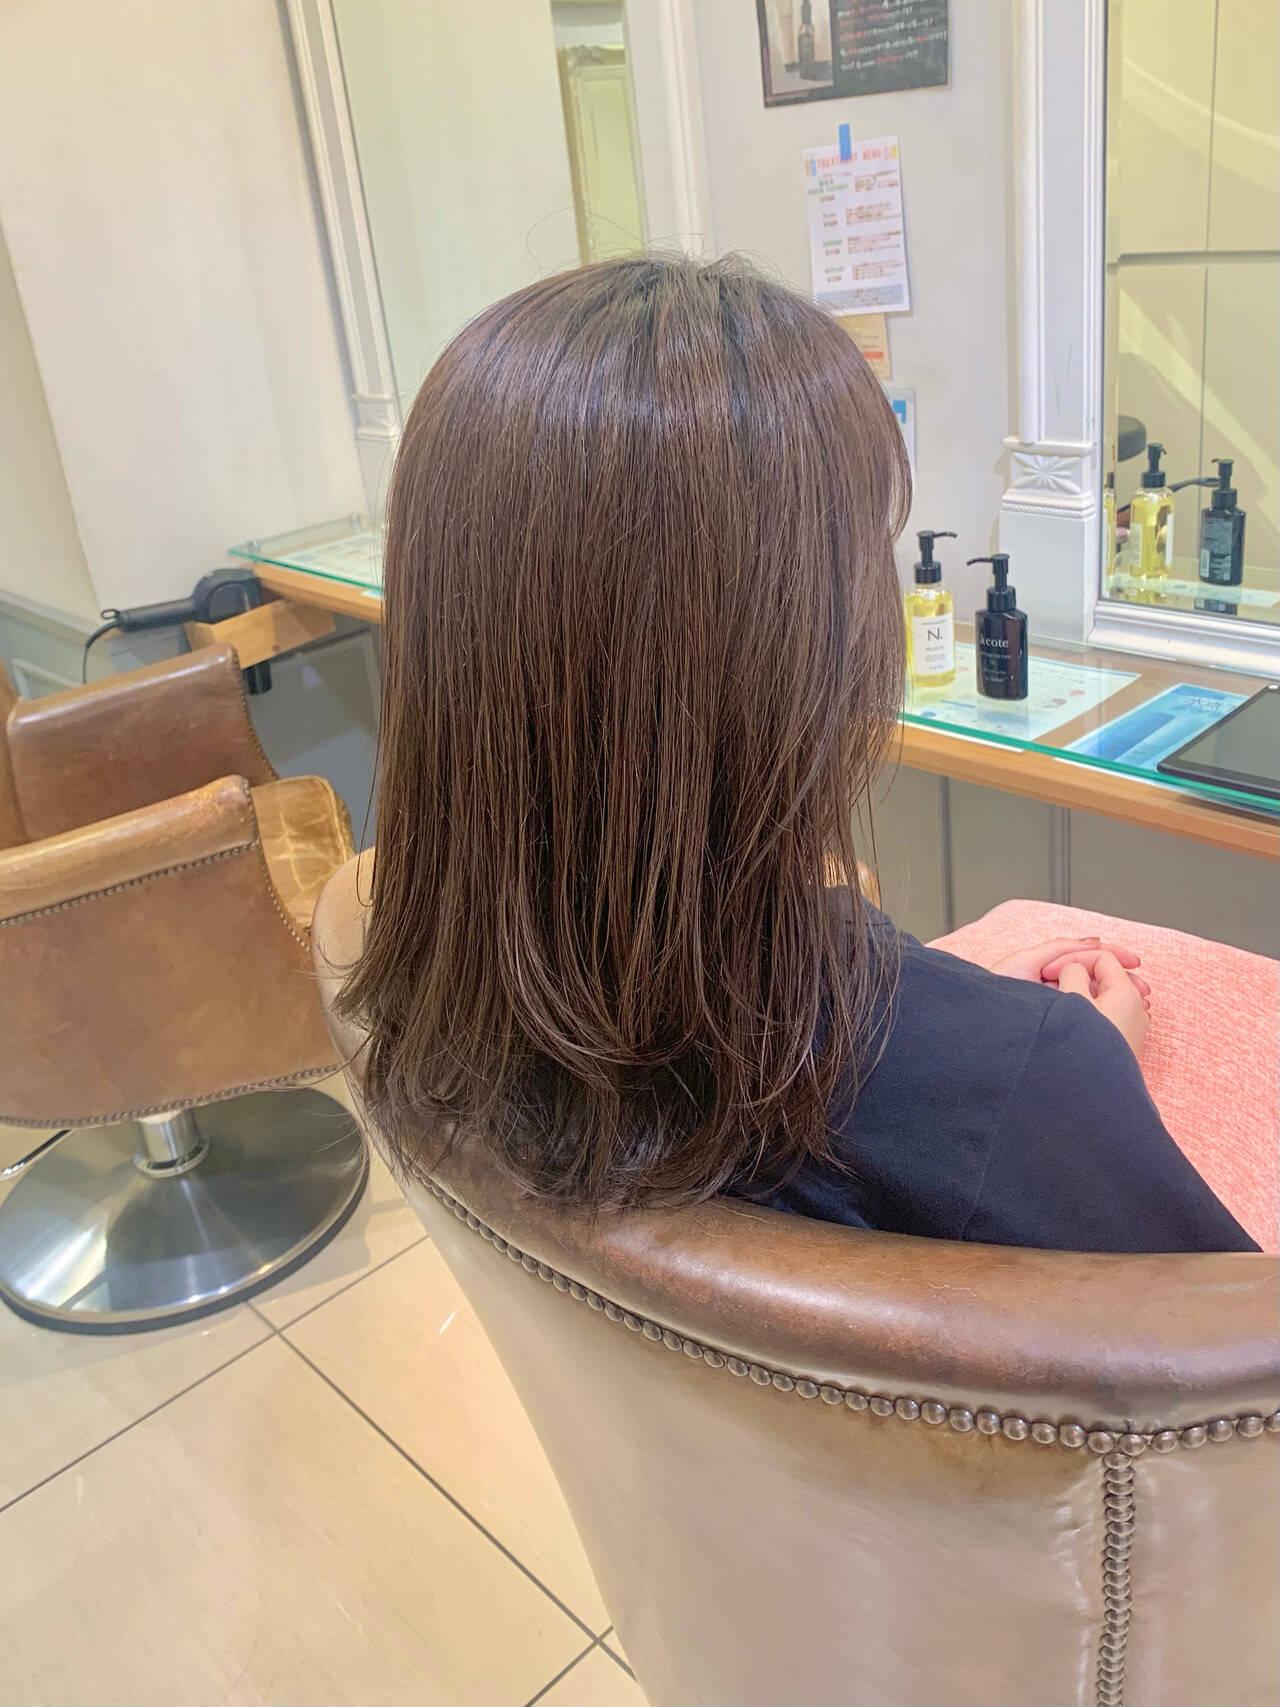 レイヤーカット ミディアムレイヤー セミロング レイヤースタイルヘアスタイルや髪型の写真・画像